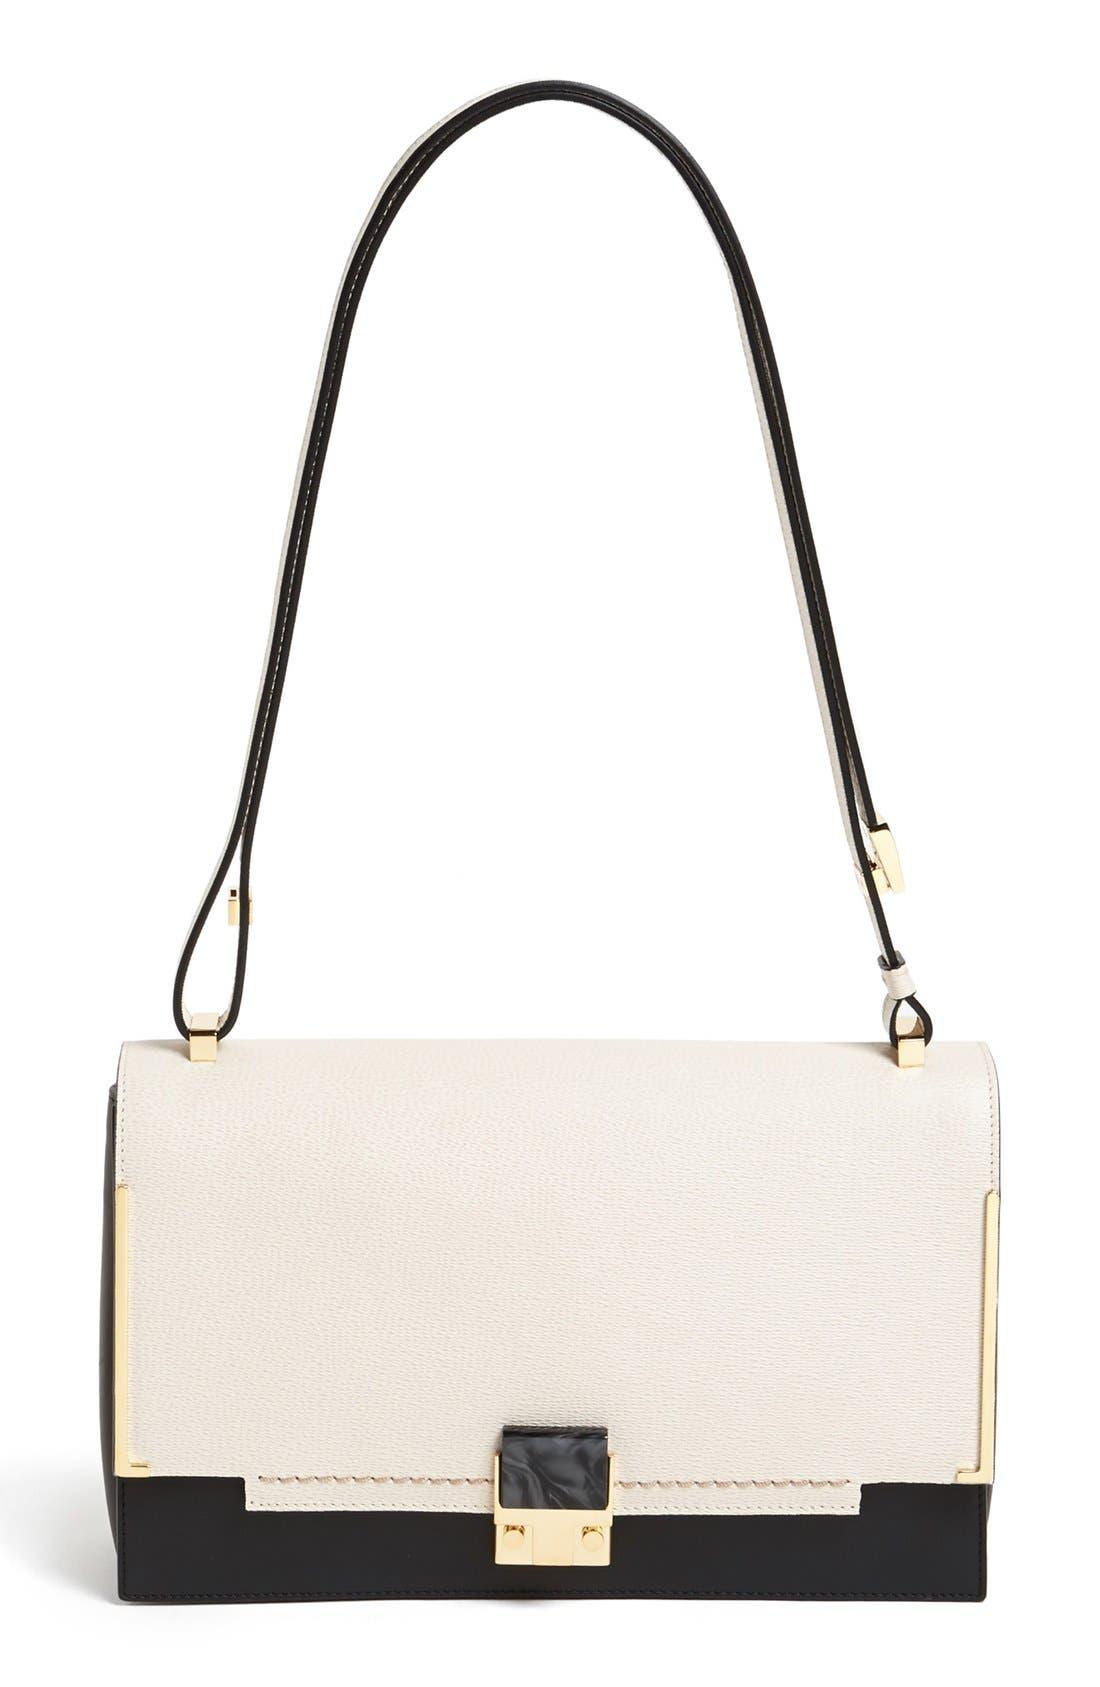 Alternate Image 1 Selected - Lanvin 'Medium Partition' Shoulder Bag